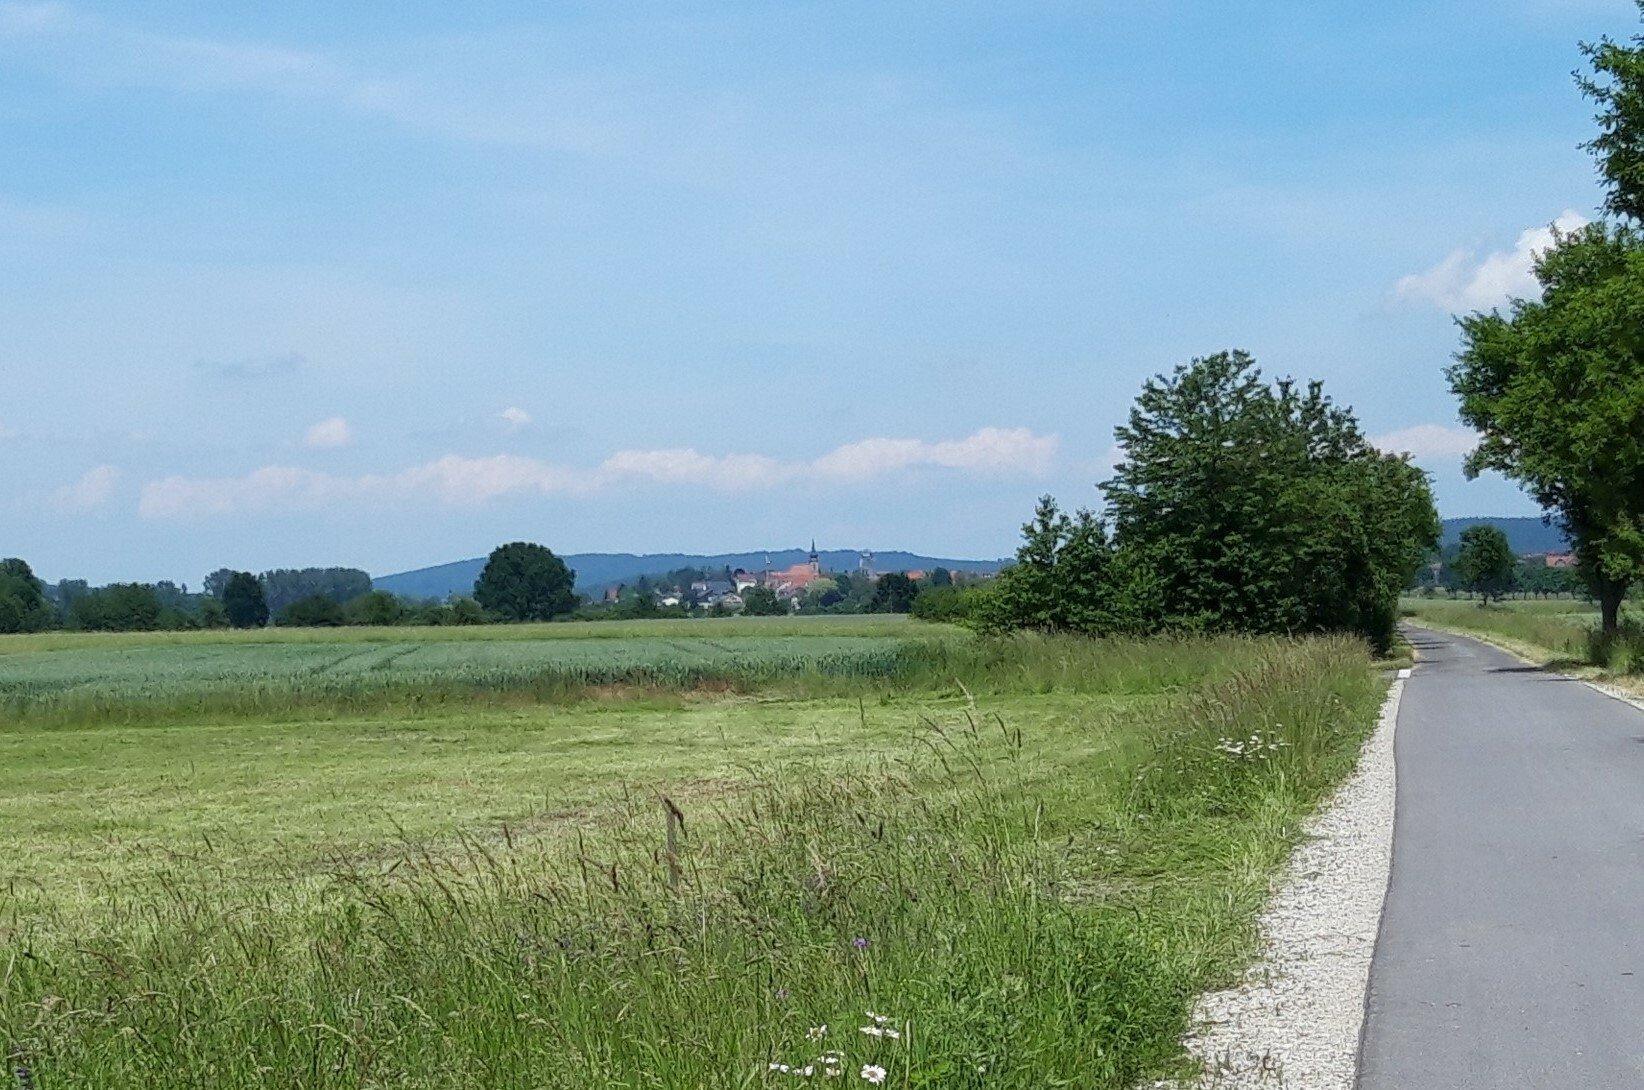 Am Horizont über Feld und Radweg heben sich vor einem Höhenzug die Dorfkirche sowie einige Häuser ab.